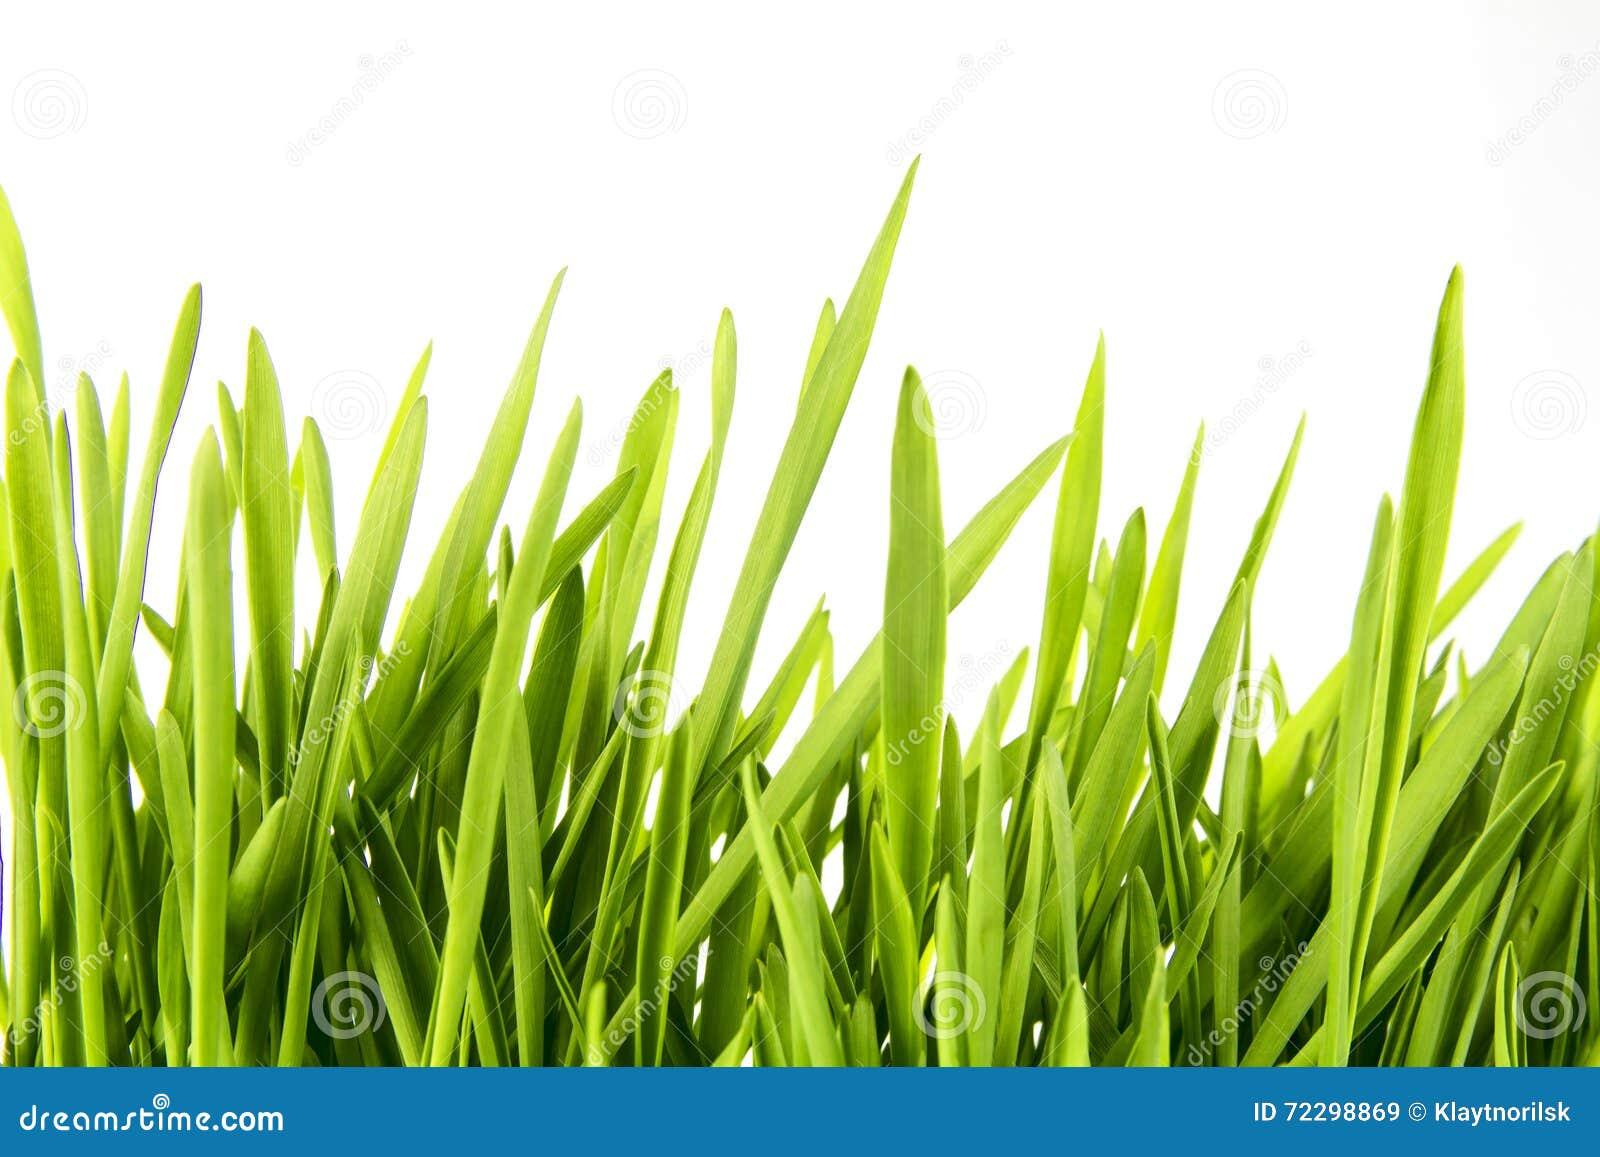 Download Славная трава пшеницы стоковое изображение. изображение насчитывающей здорово - 72298869